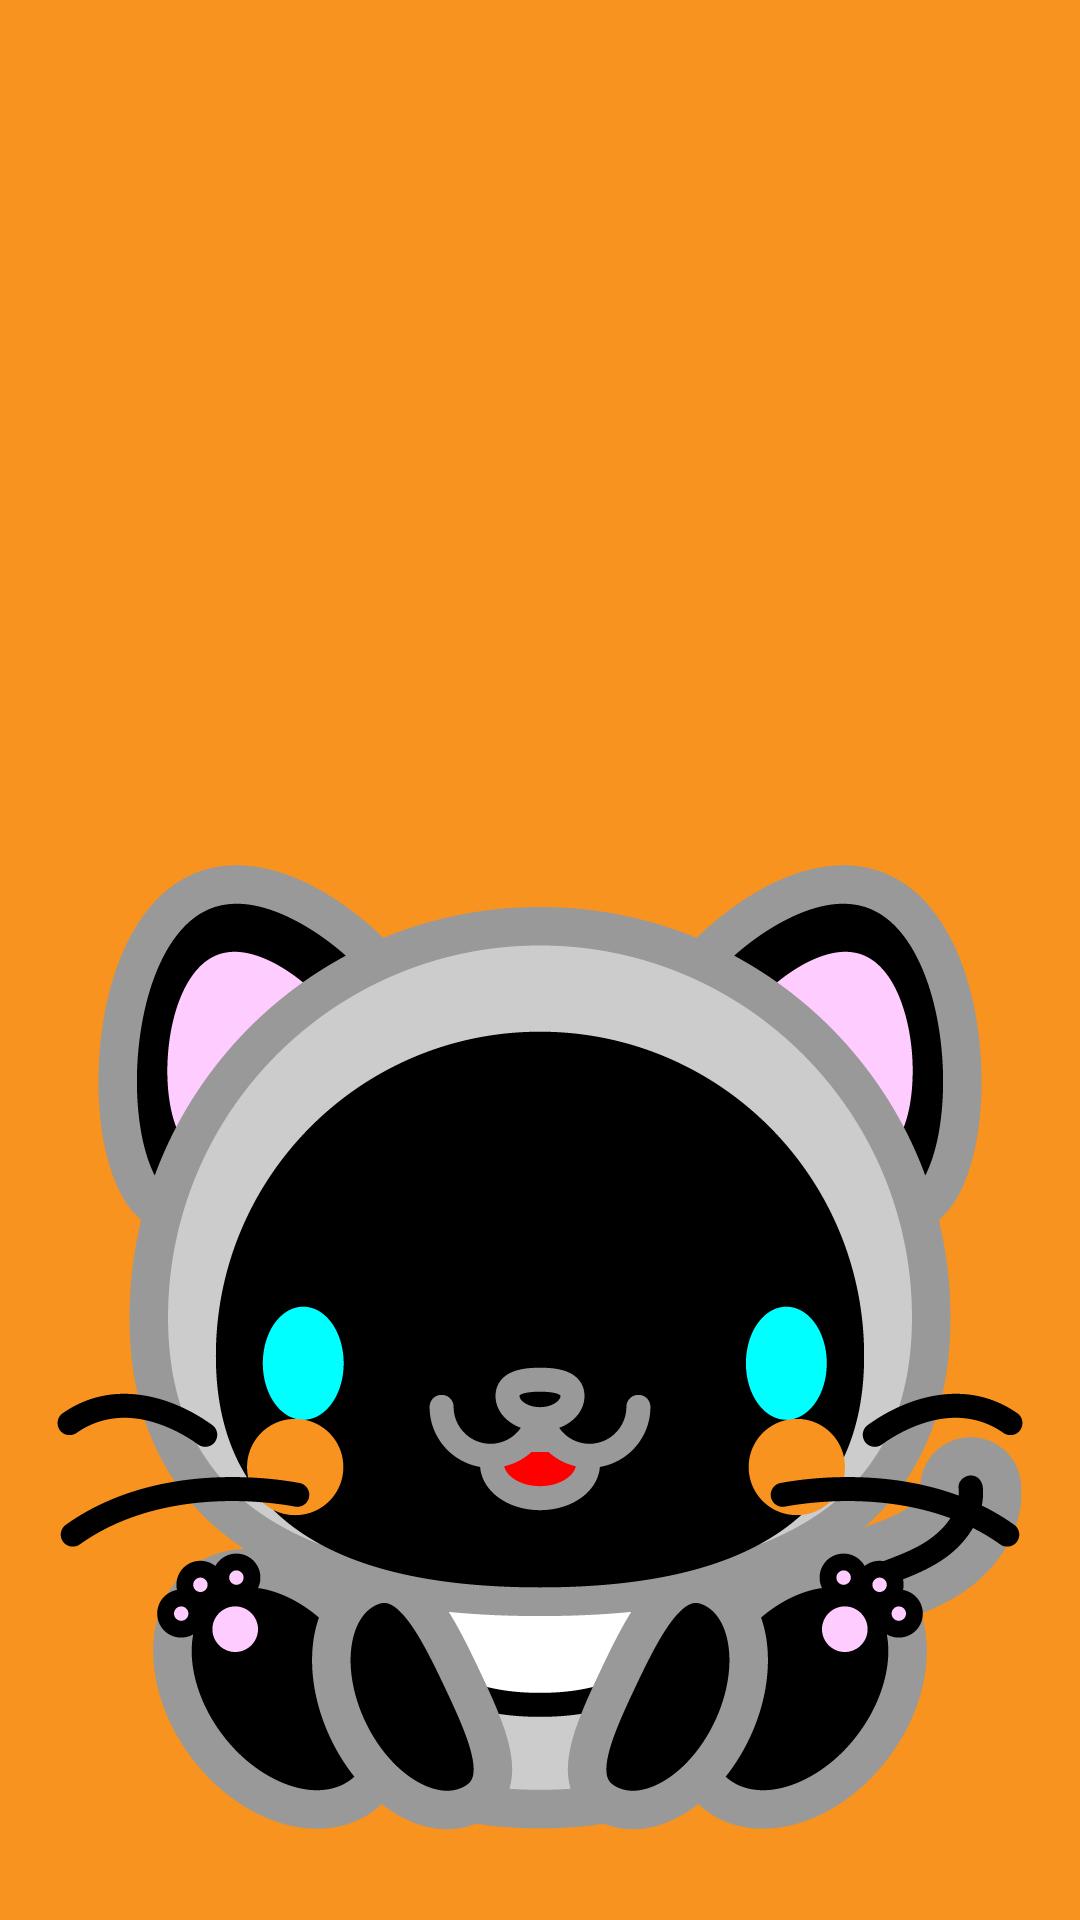 かわいい座りシャム猫壁紙(iPhone)の無料イラスト・商用フリー